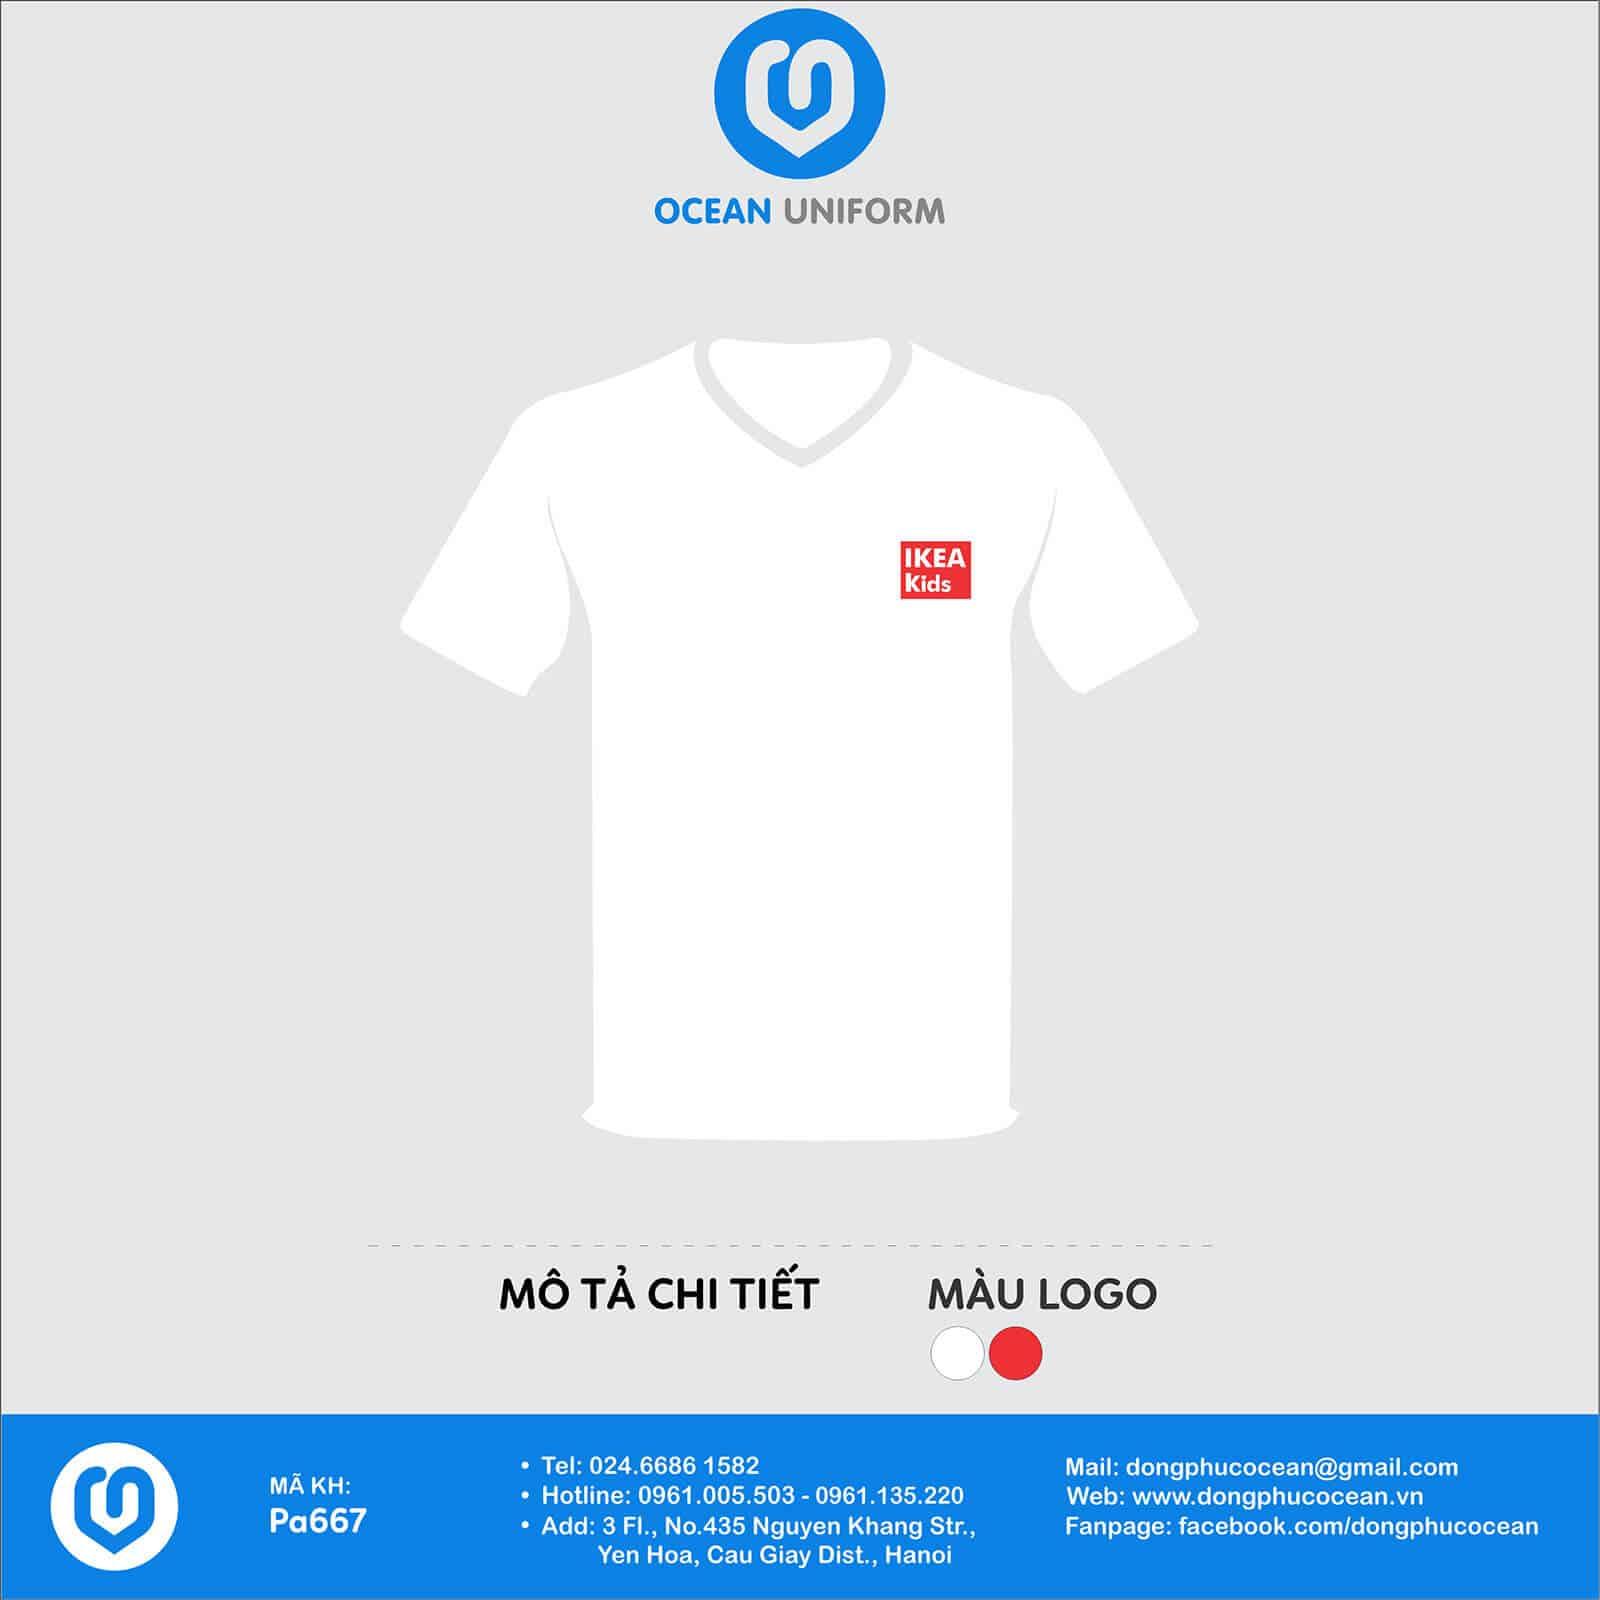 In áo phông màu trắng dễ mặc phù hợp với mọi lứa tuổi